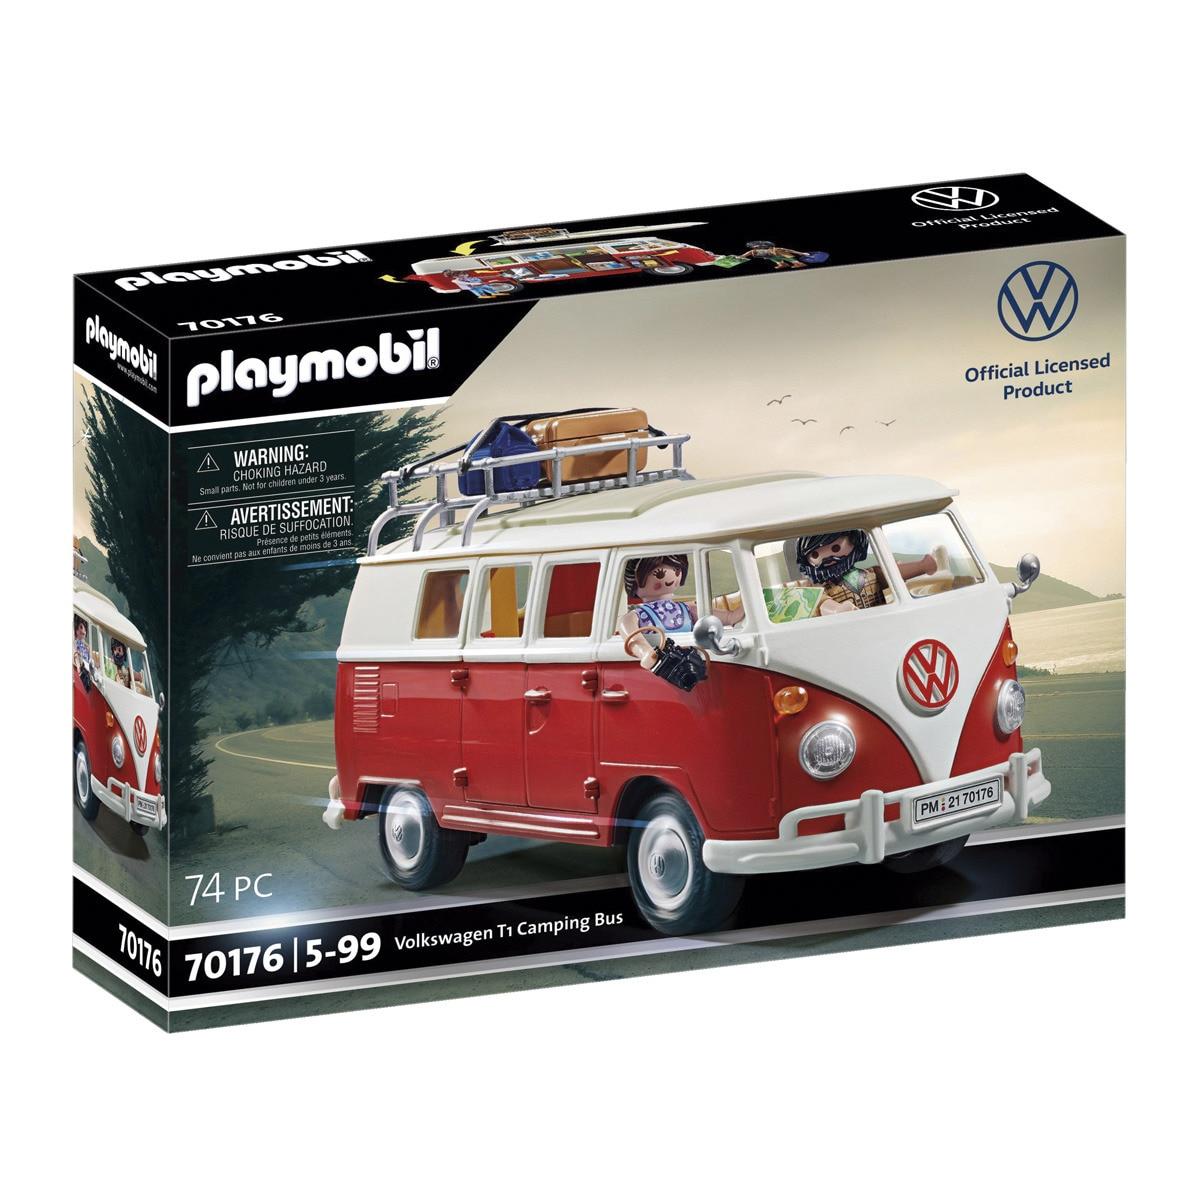 Suscriptores El Corte Inglés Plus -Volkswagen T1 Camping Bus Playmobil